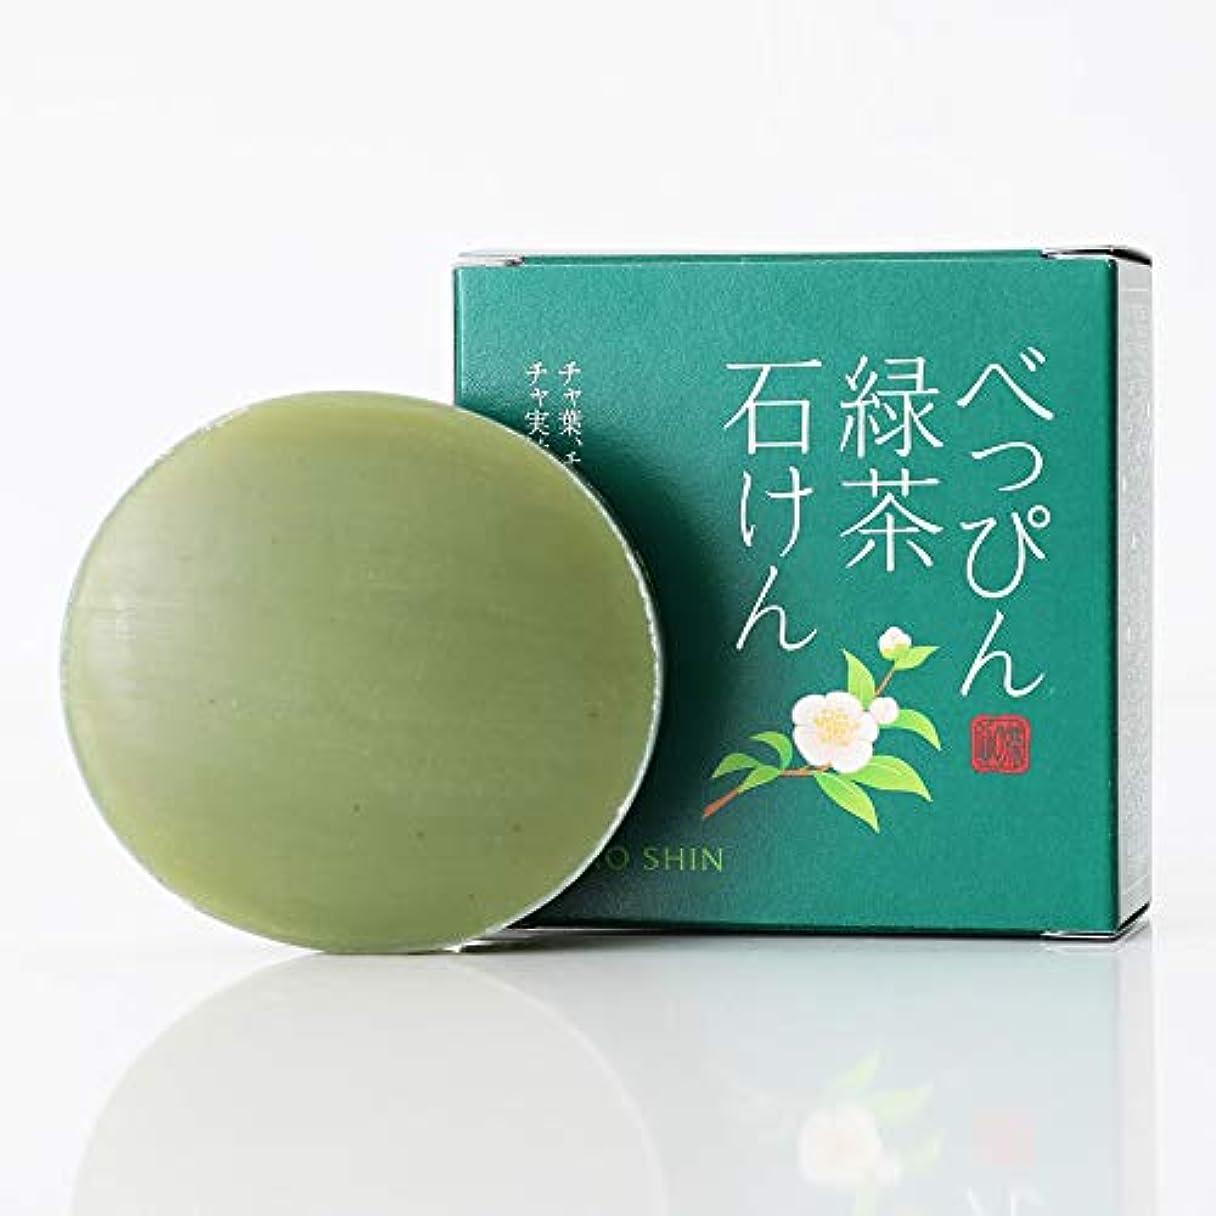 メロンティーム朝の体操をするべっぴん緑茶石けん2個セット